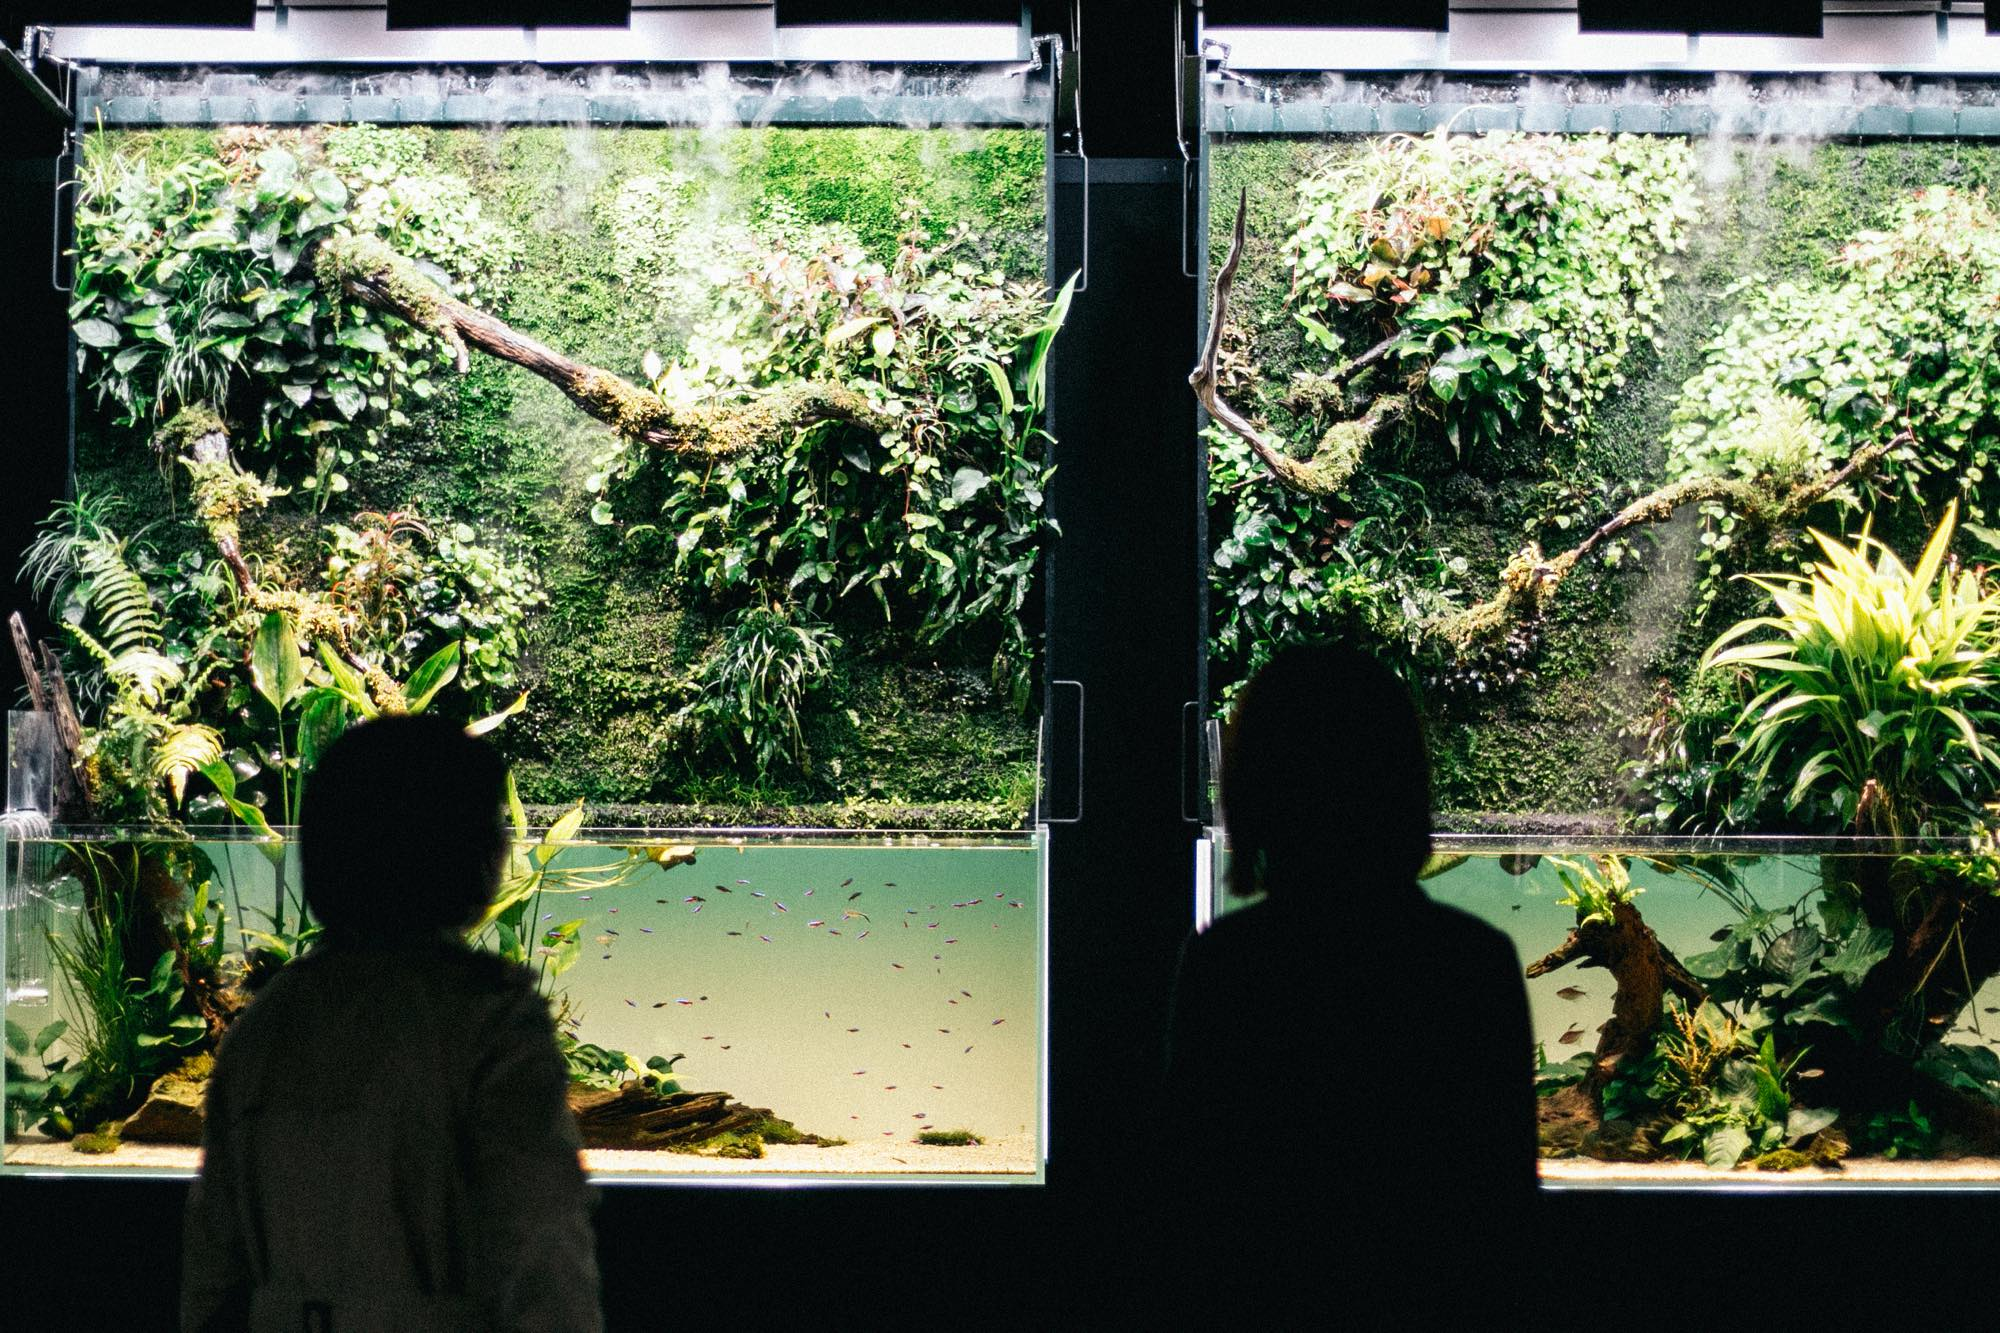 生前の天野さんが考案していた「壁面緑化」を、現ADAのクリエイティビティで具現化した<巨大ネイチャー水草ウォール>は絶対に見て欲しい。『天野尚 NATURE AQUARIUM展』にて展示中。